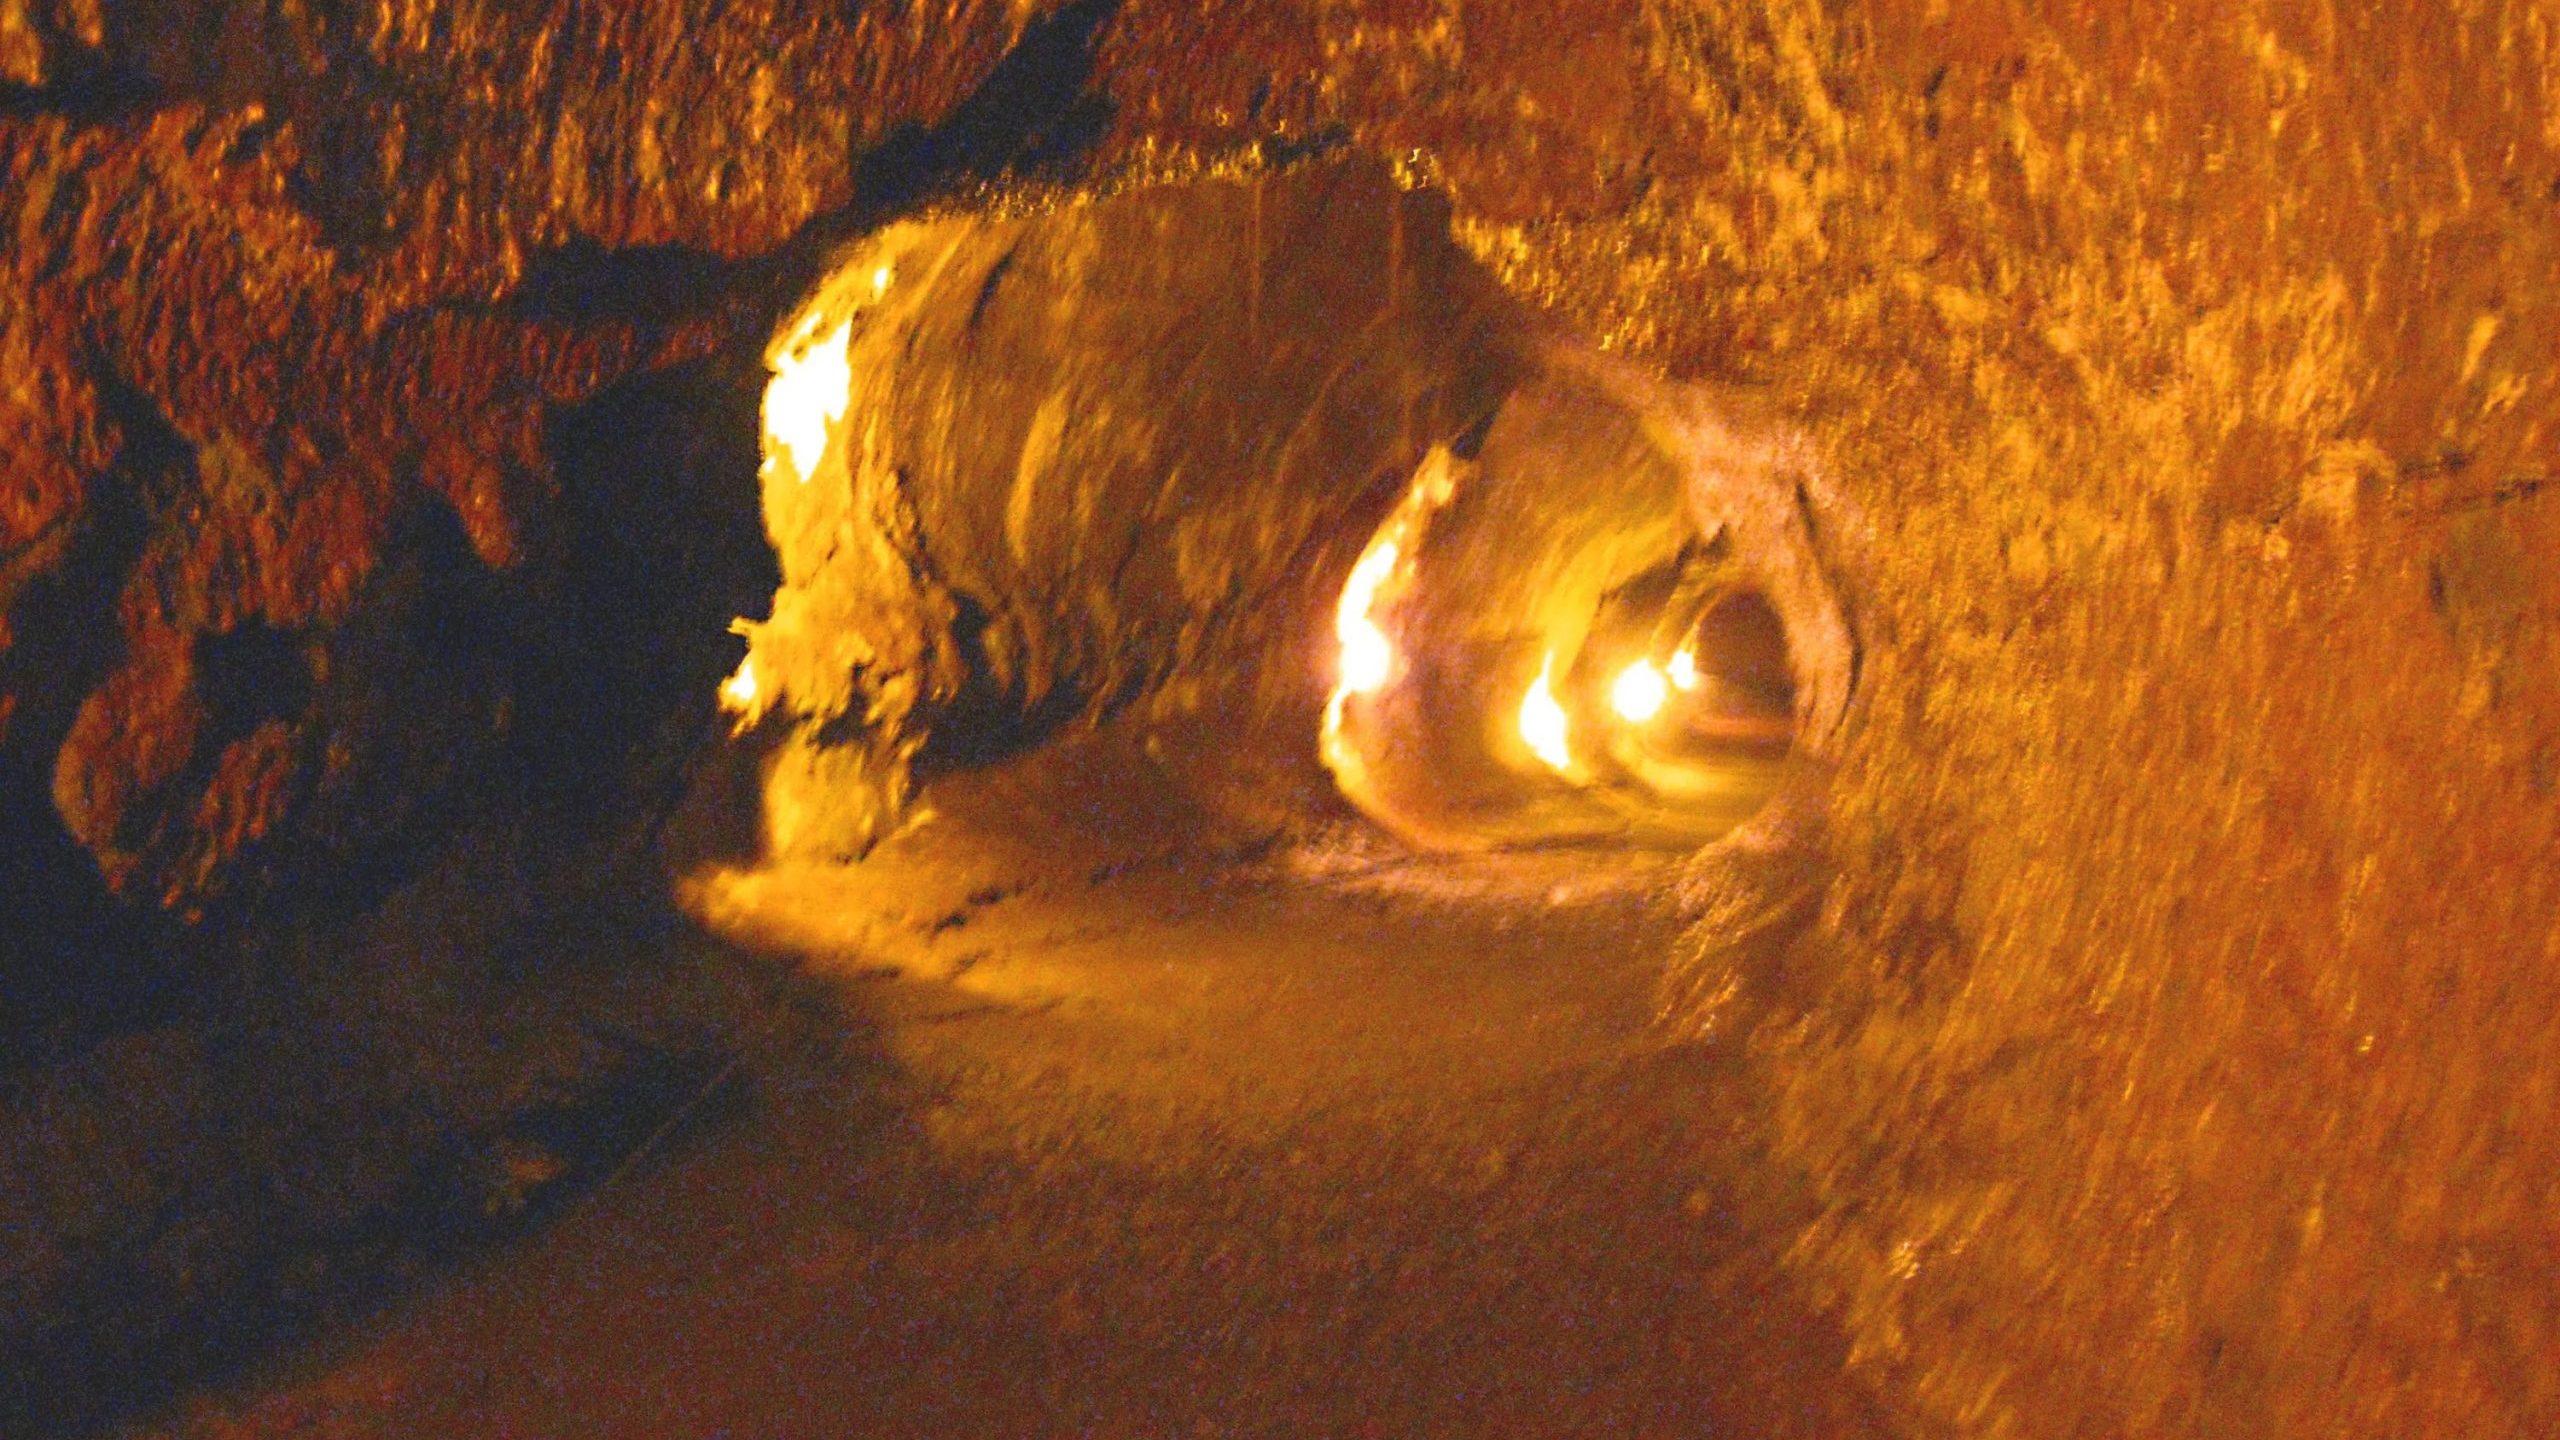 Spazio: i tunnel su Marte e Luna potrebbero ospitare forme di vita